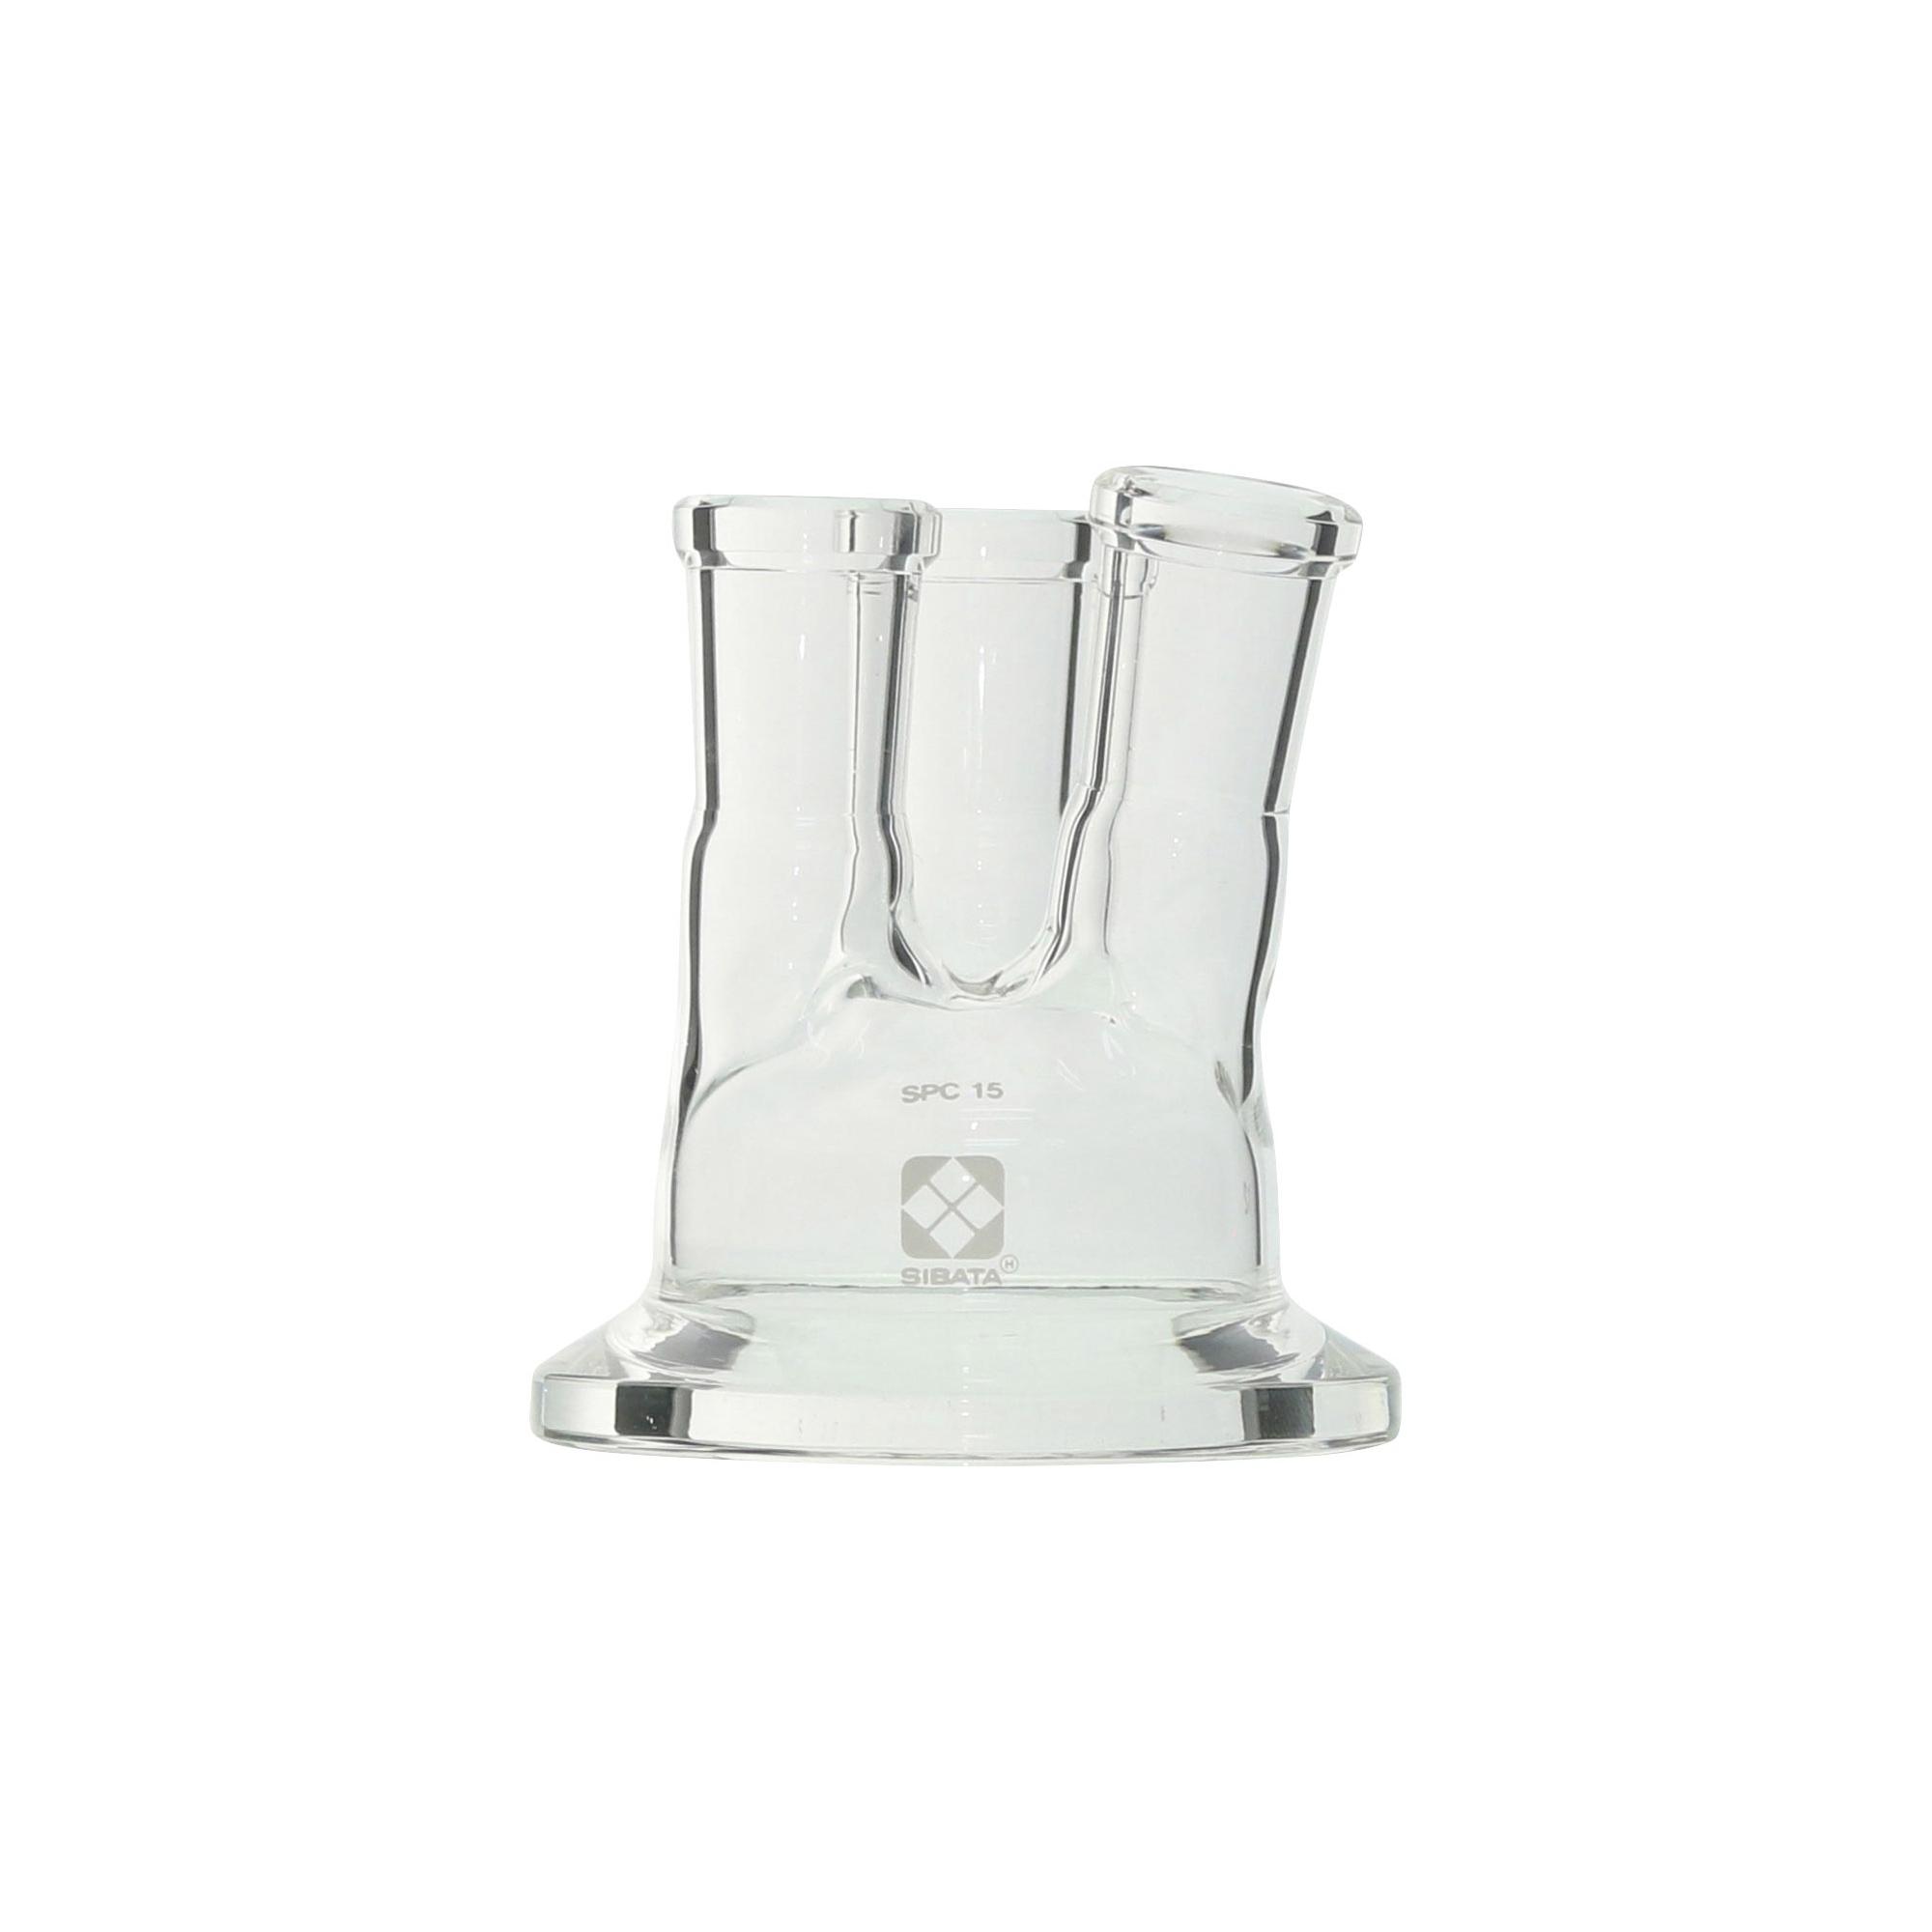 φ47セパカバースターラー用三口(SPC 15)O型|柴田科技有限公司-环境检测设备、科学仪器的制造销售